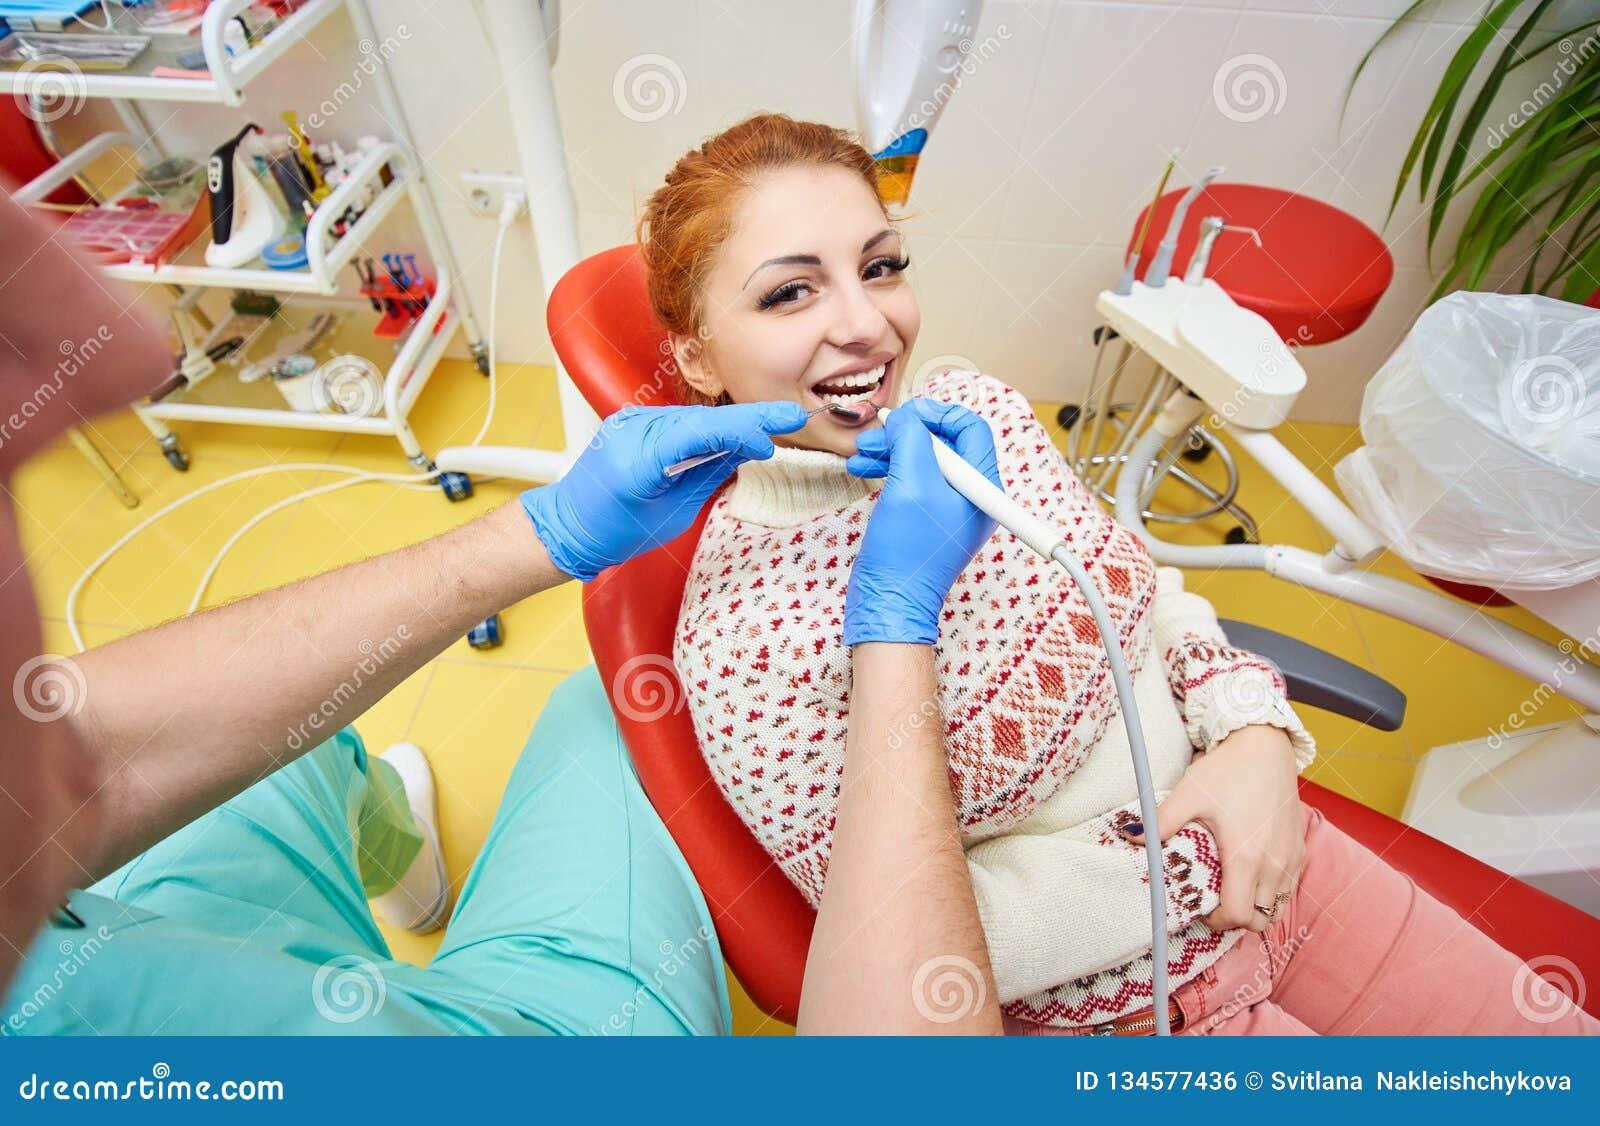 Stomatologiczny biuro, stomatologiczny traktowanie, zdrowia zapobieganie